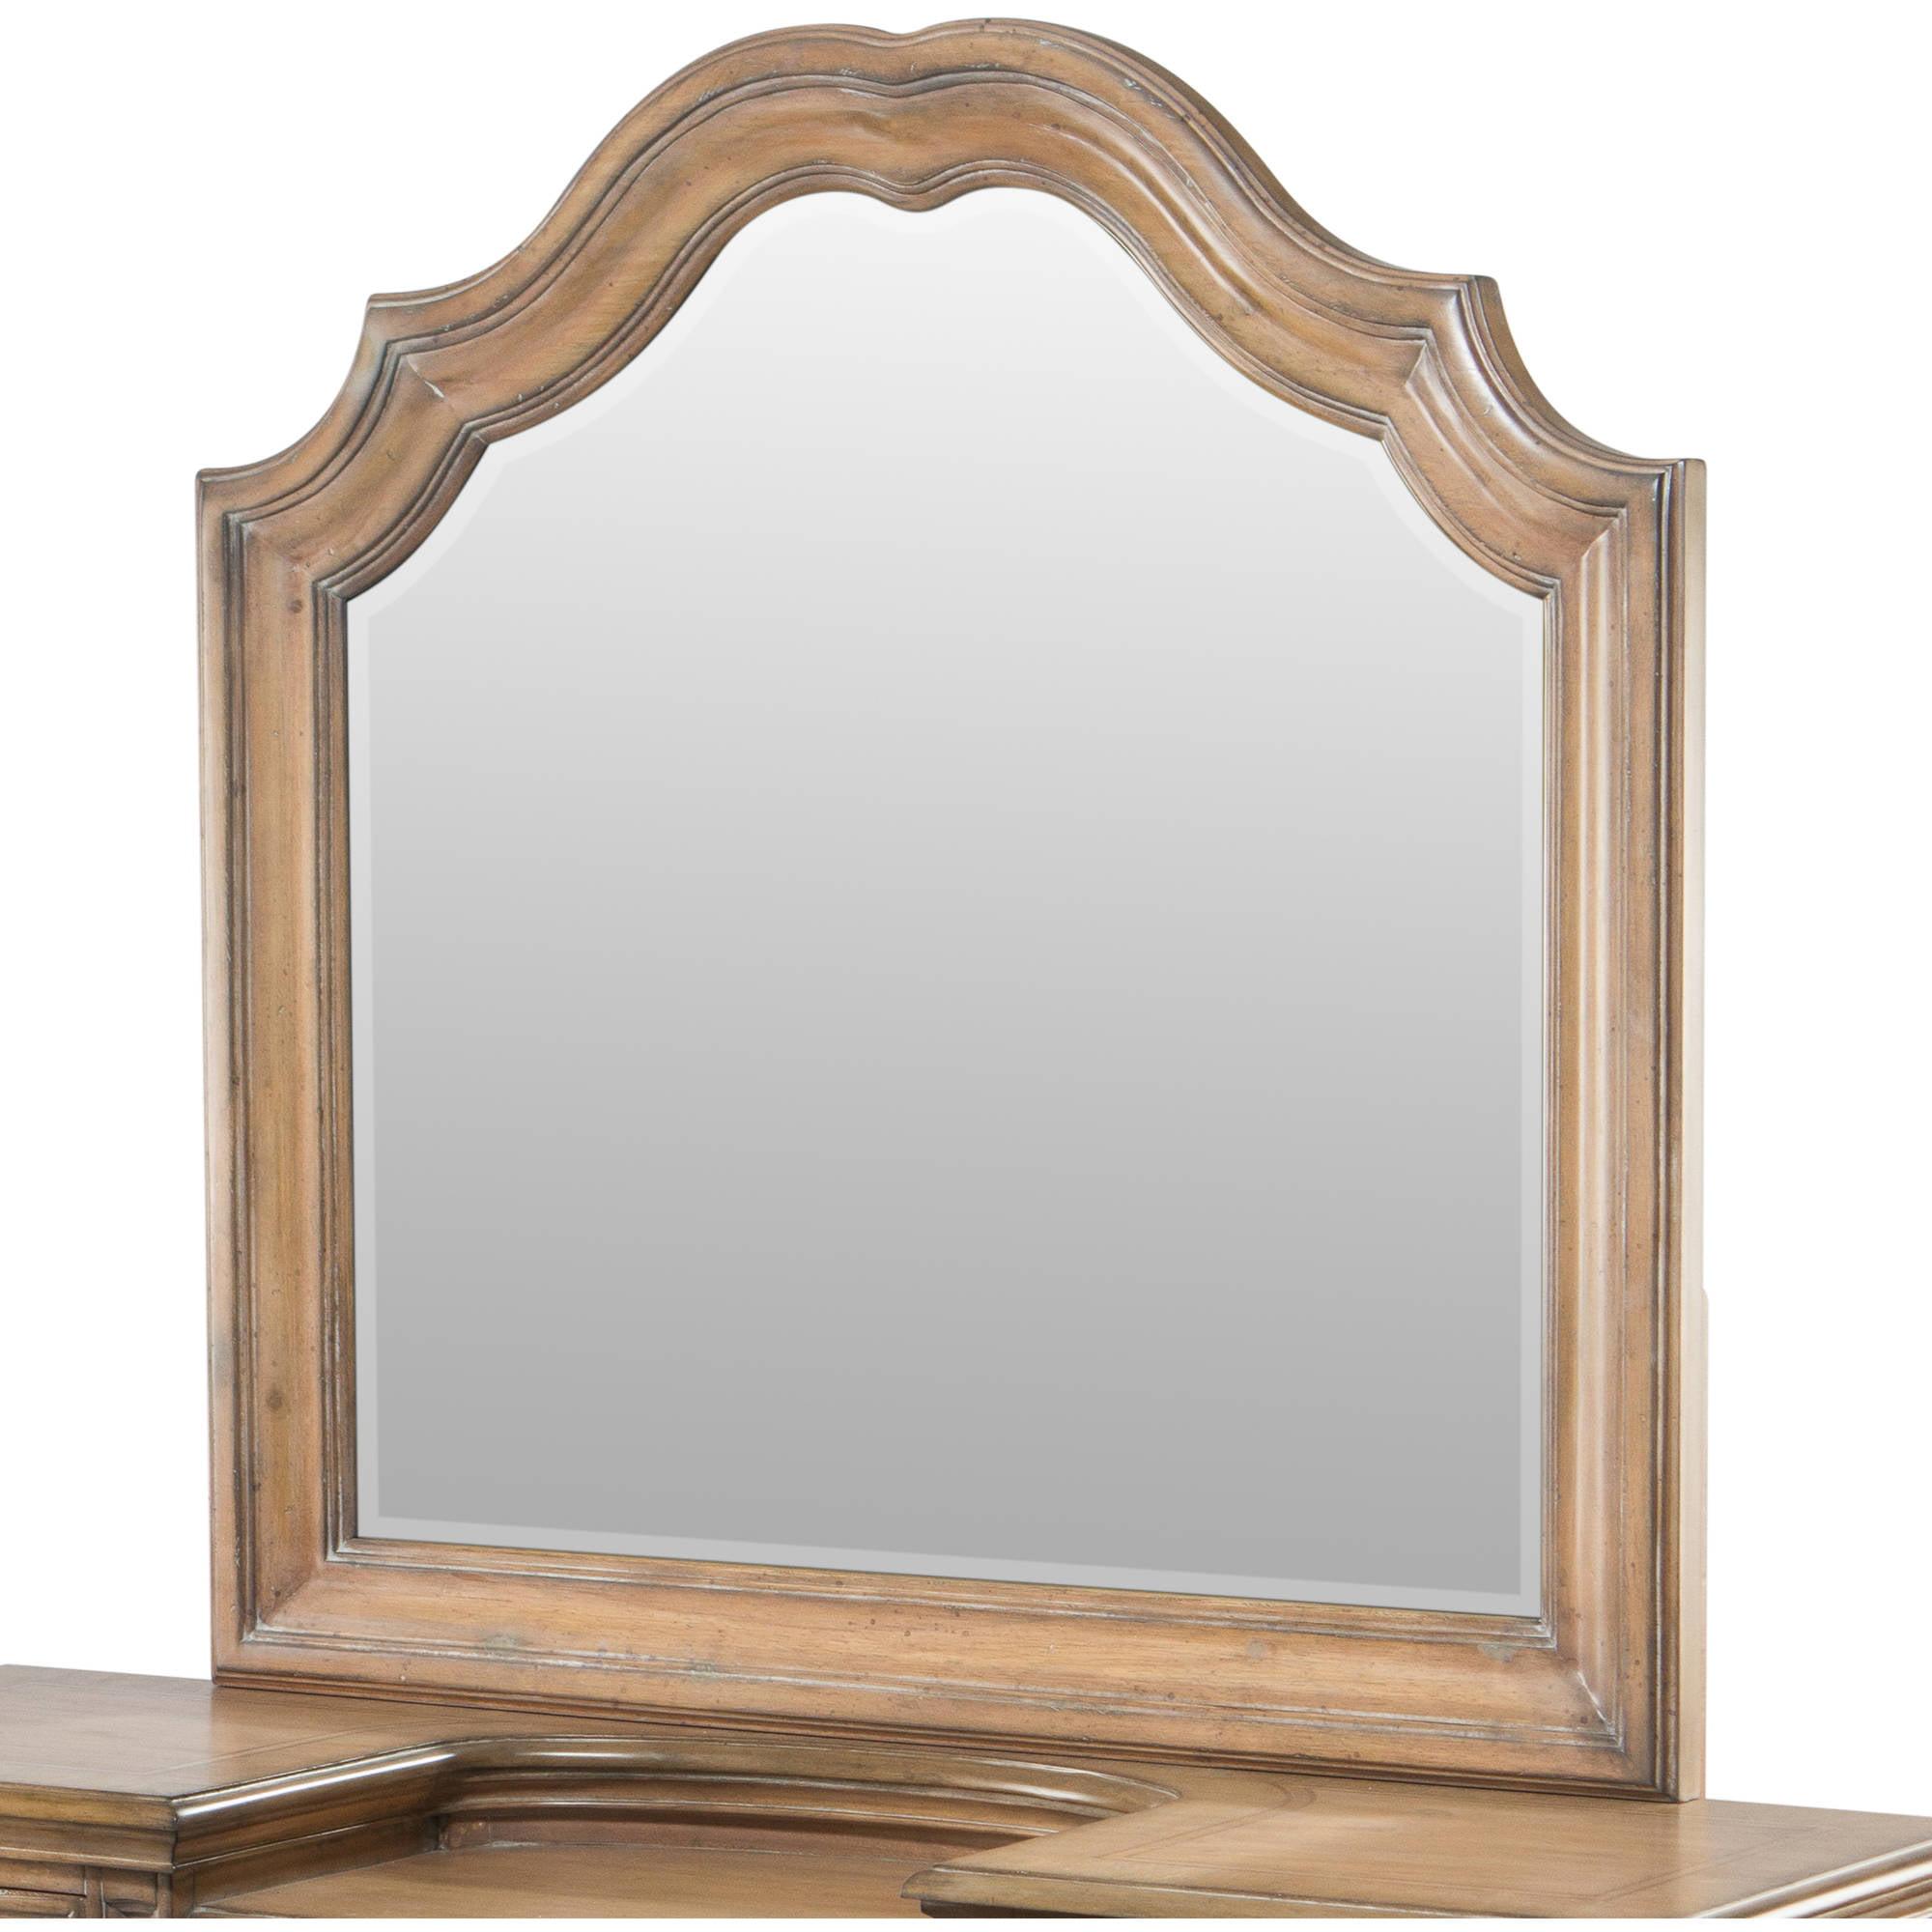 Coaster Company Ilana Vanity Mirror, Antique Linen by Coaster Company